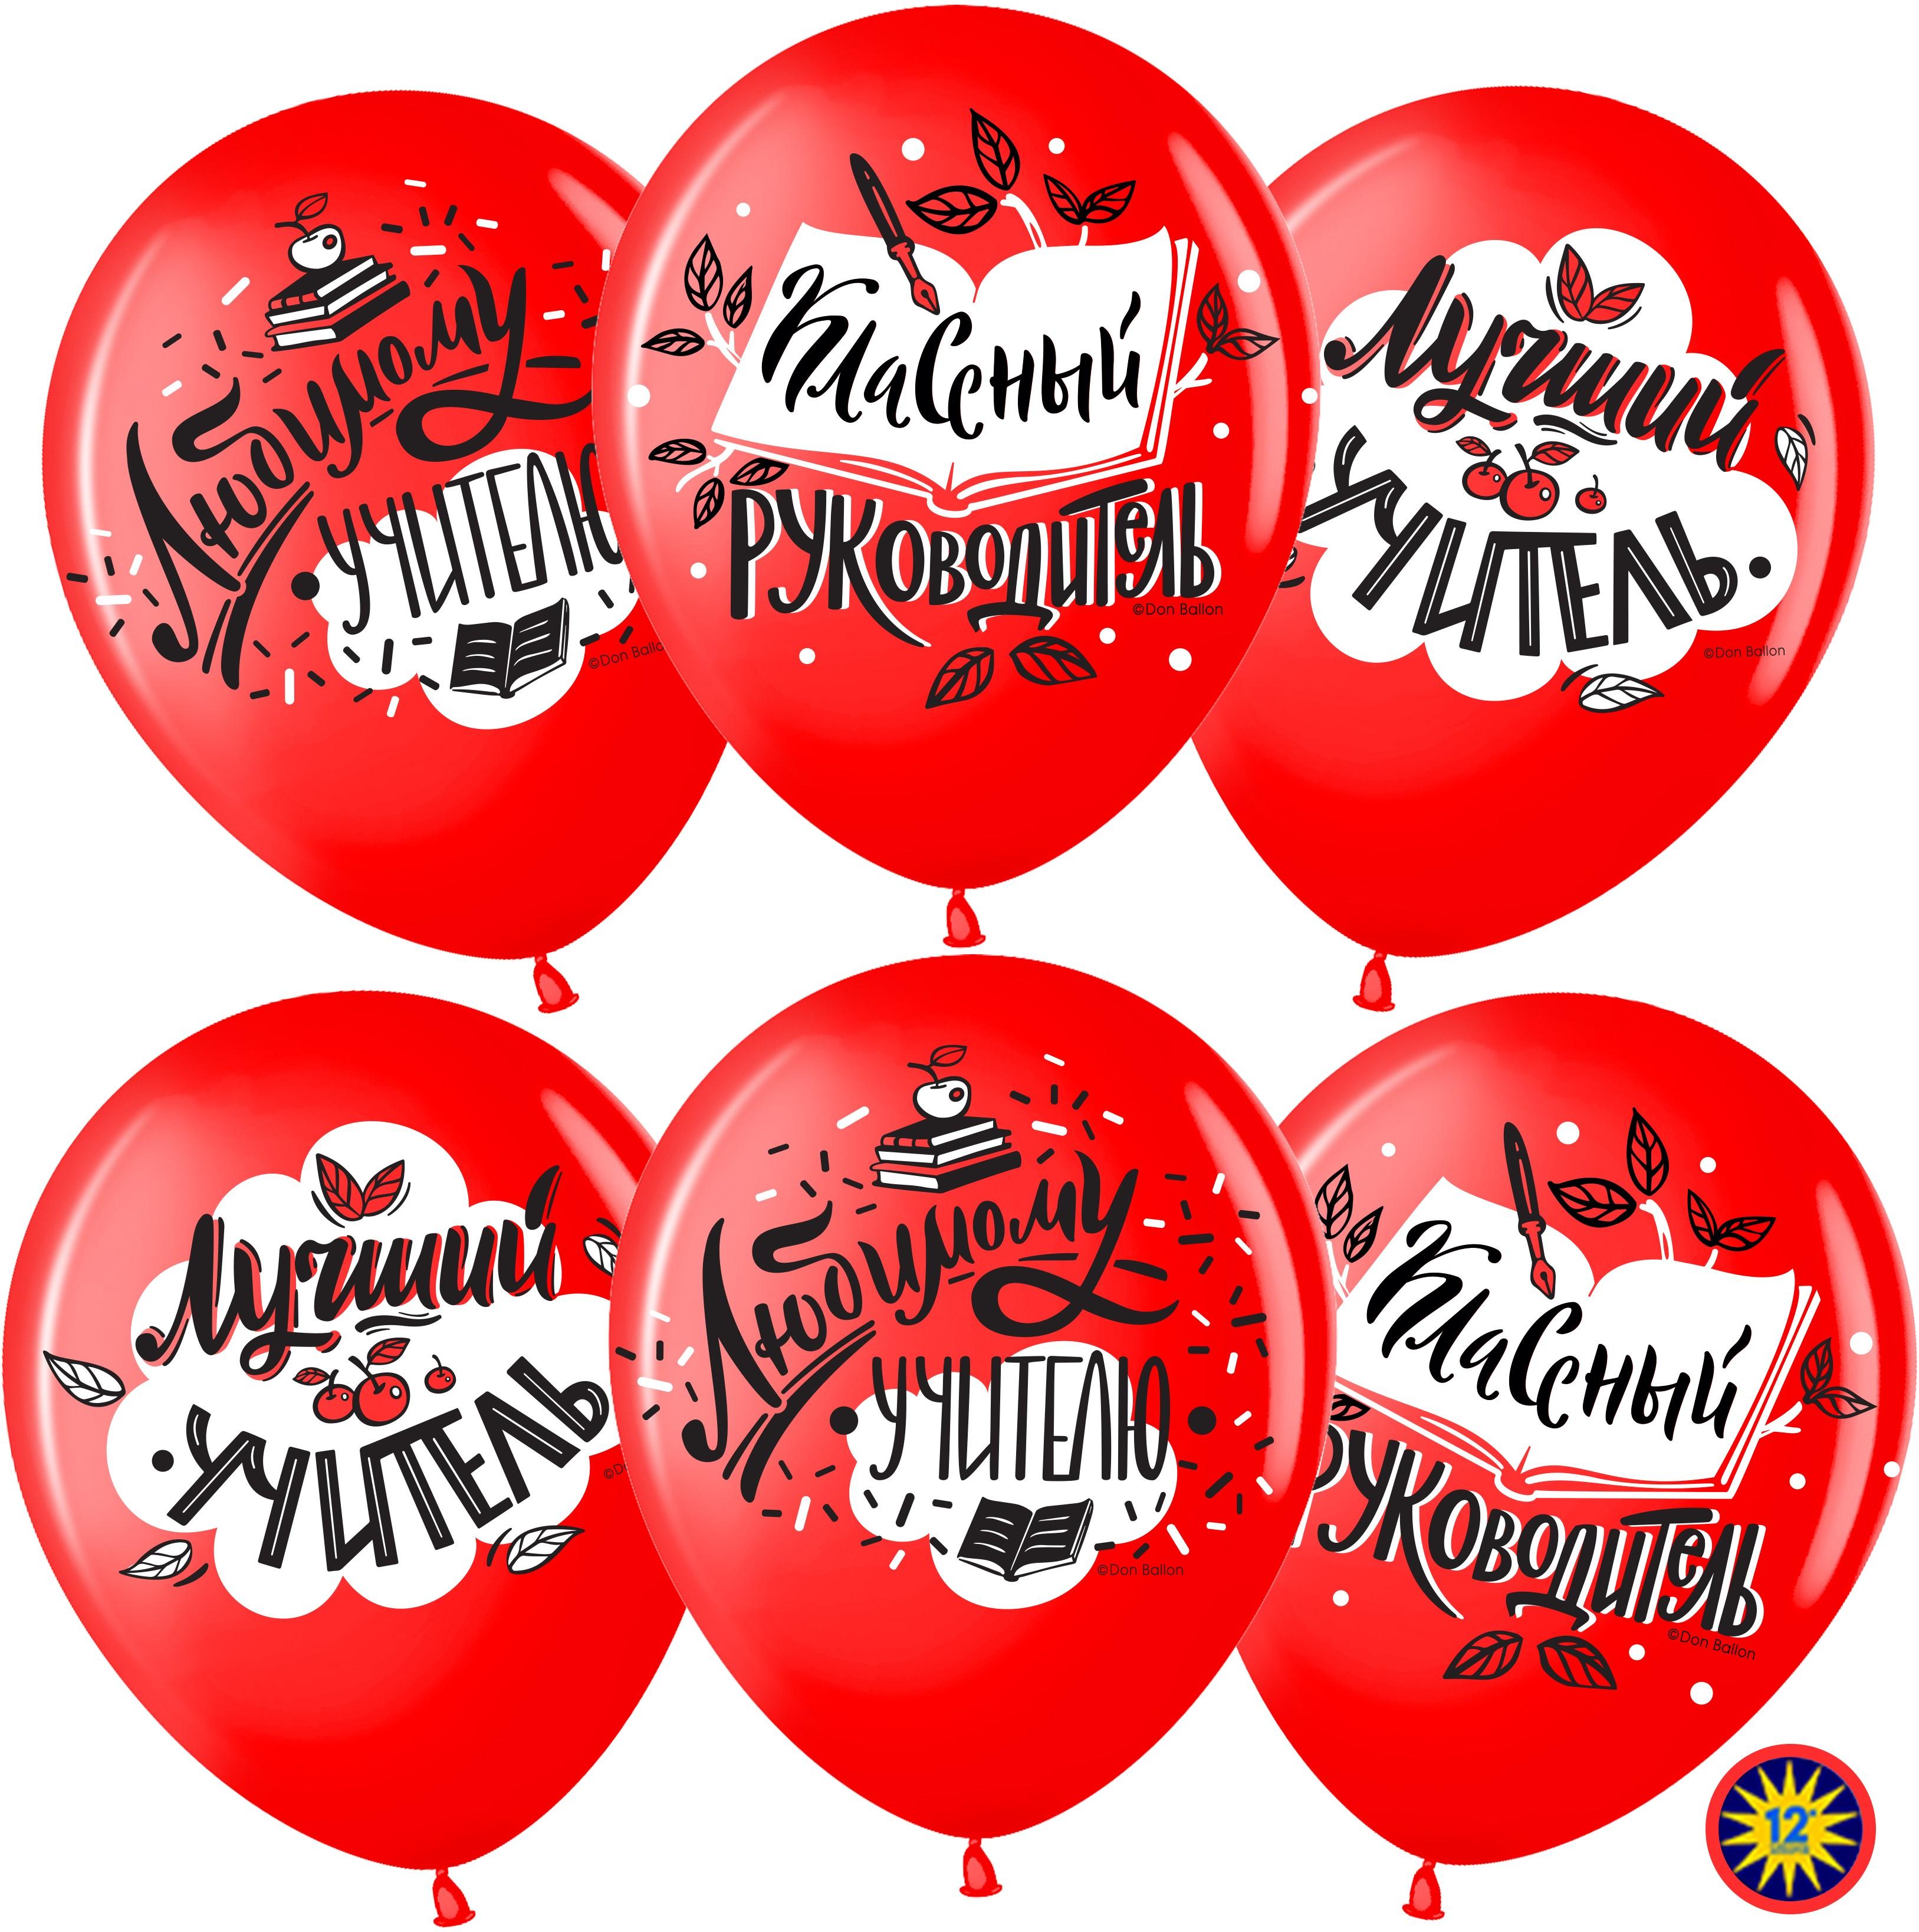 купить шарики недорого Костанай